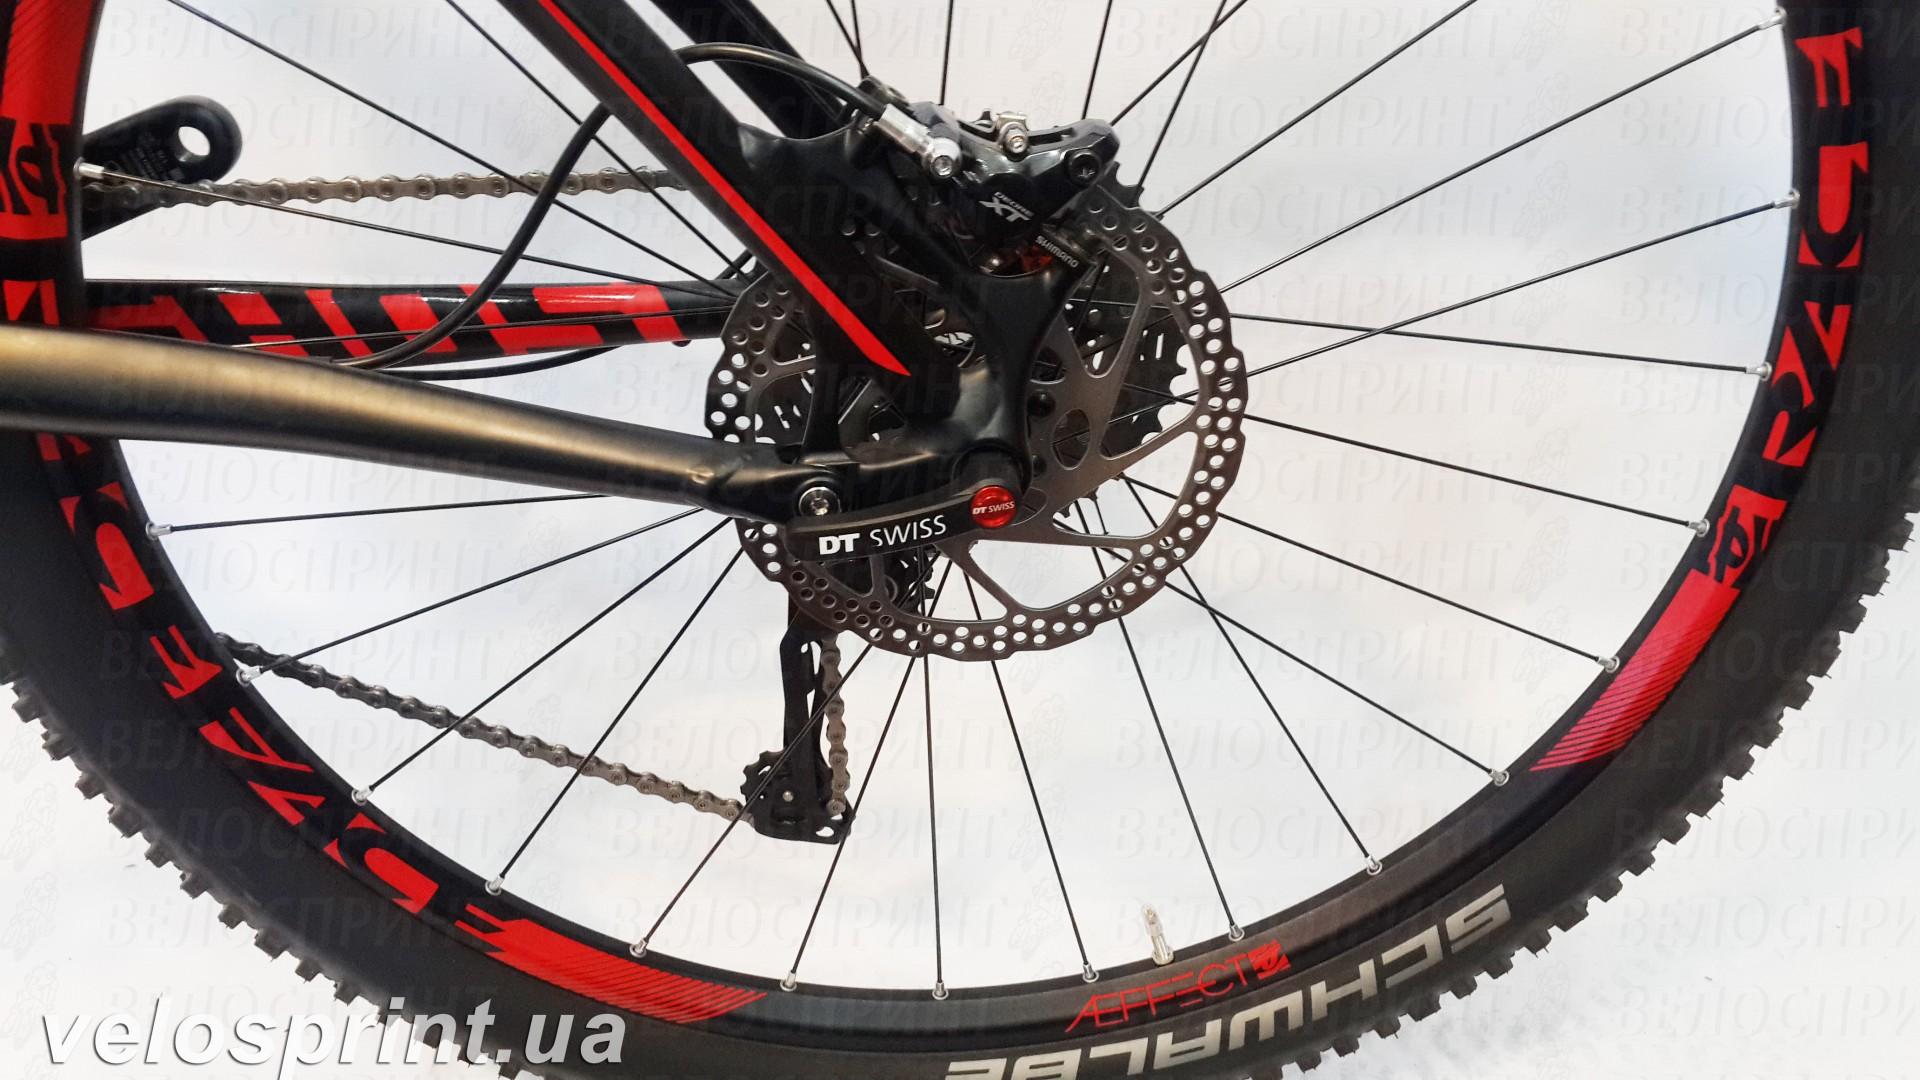 Велосипед GHOST AMR 6 black/red год задний тормоз 2016